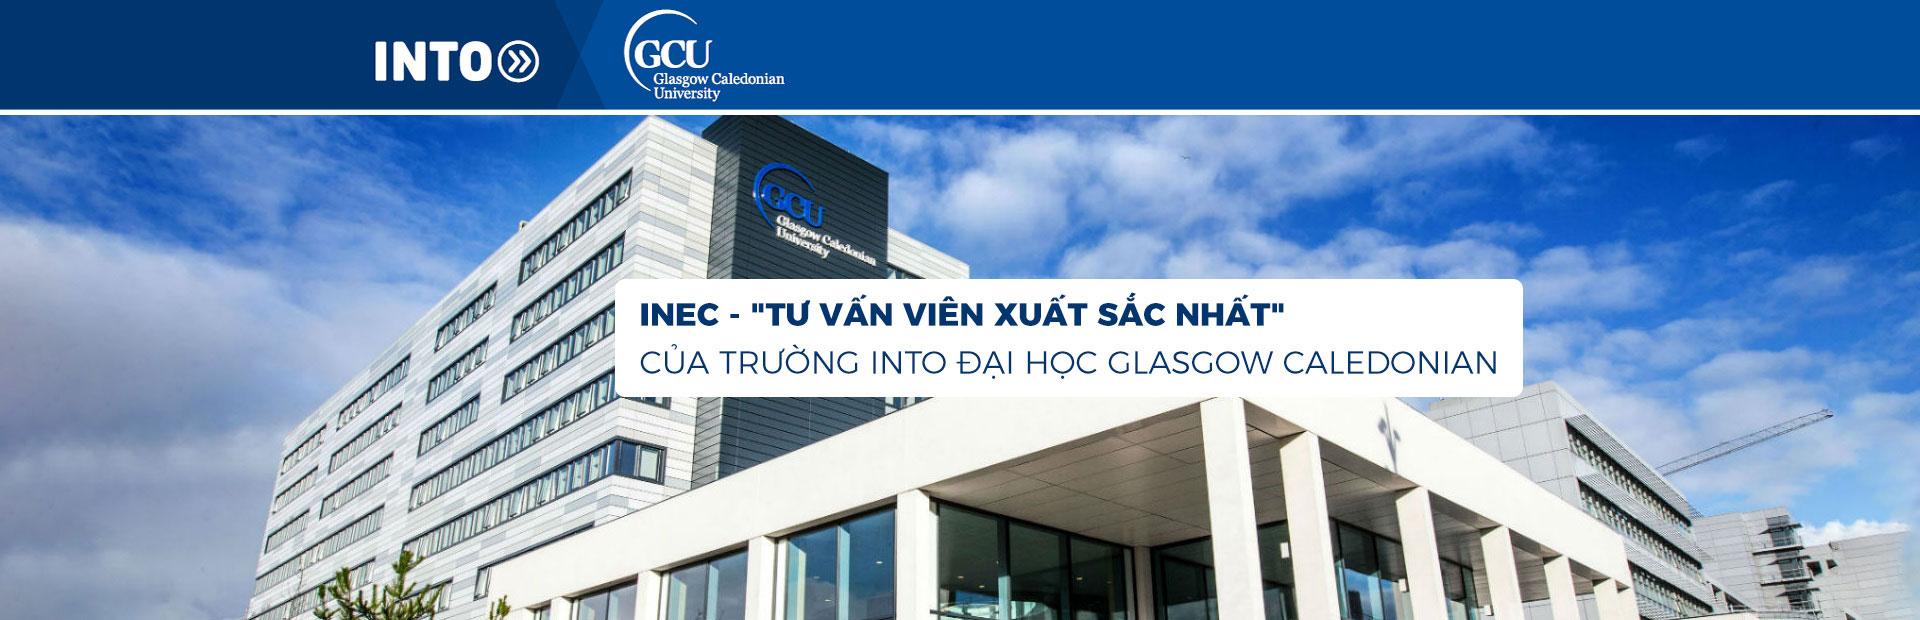 Banner GCU